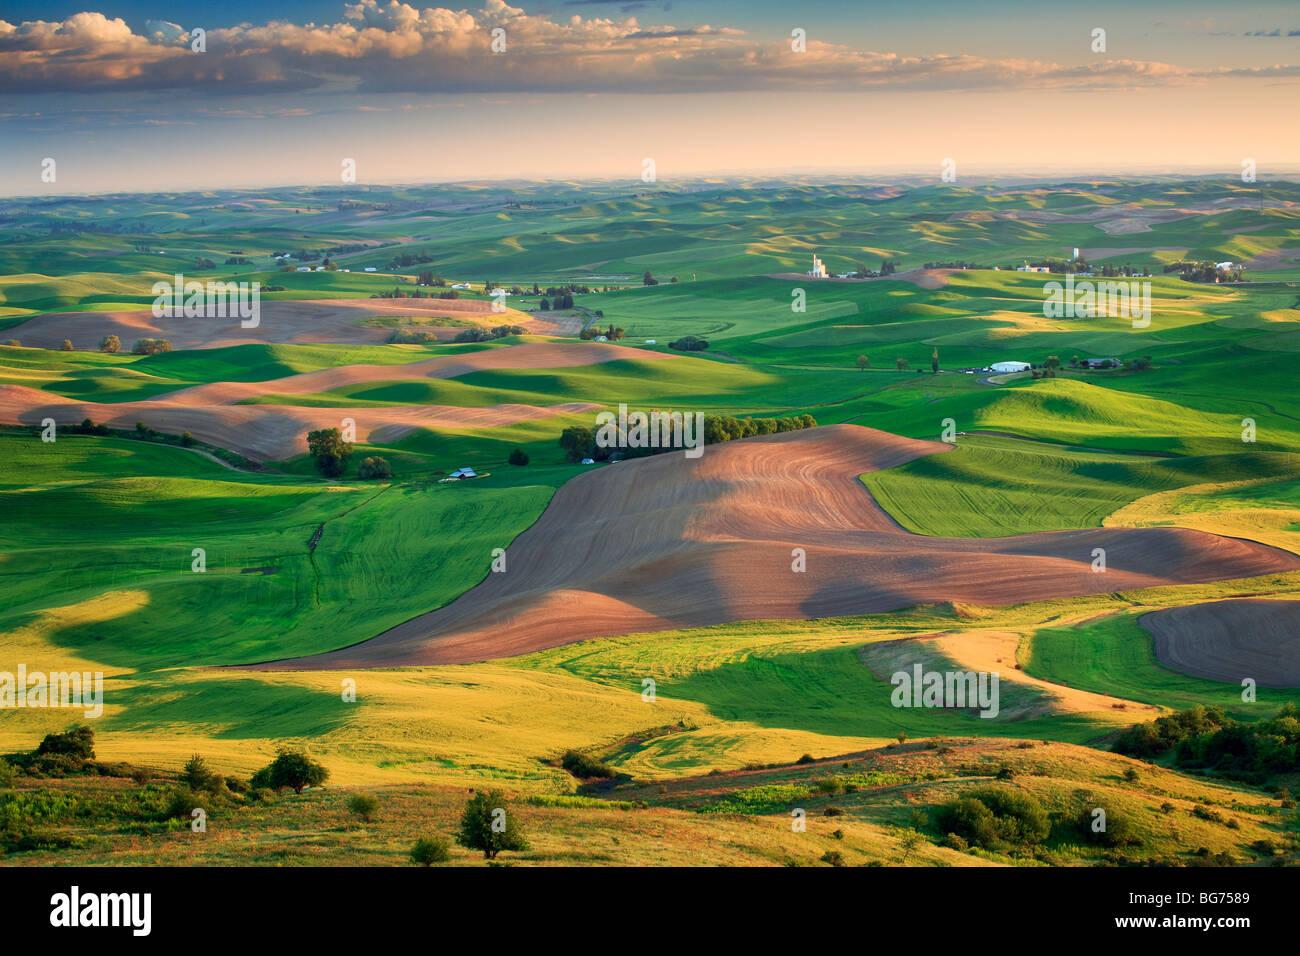 Farm fields surrounding Steptoe Butte in the eastern Washington Palouse area - Stock Image